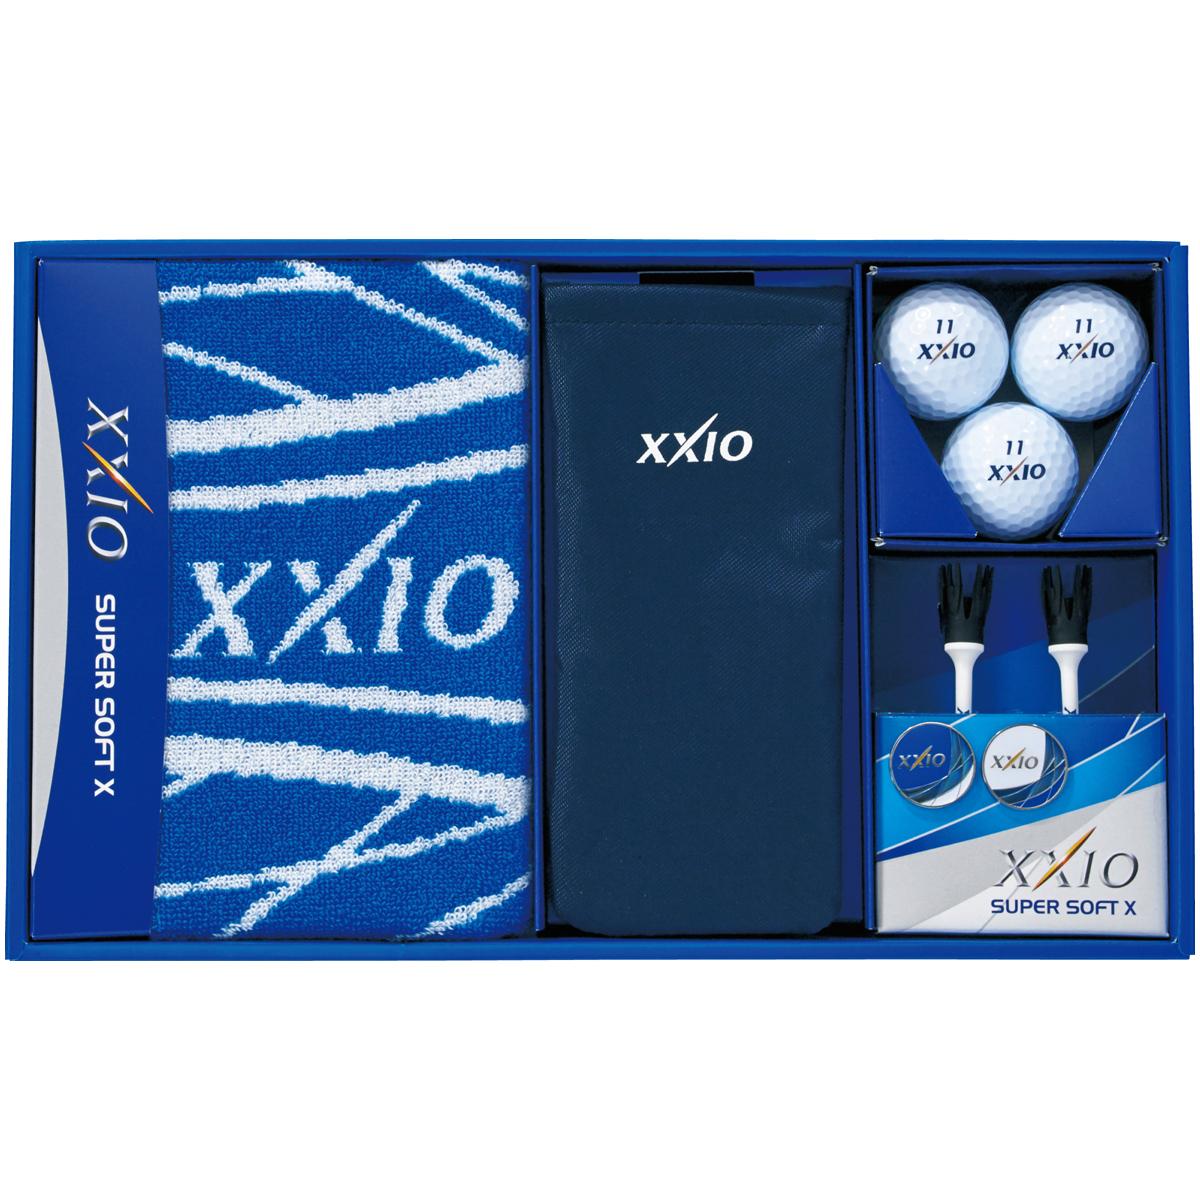 ゼクシオ SUPER SOFT X ボールギフト